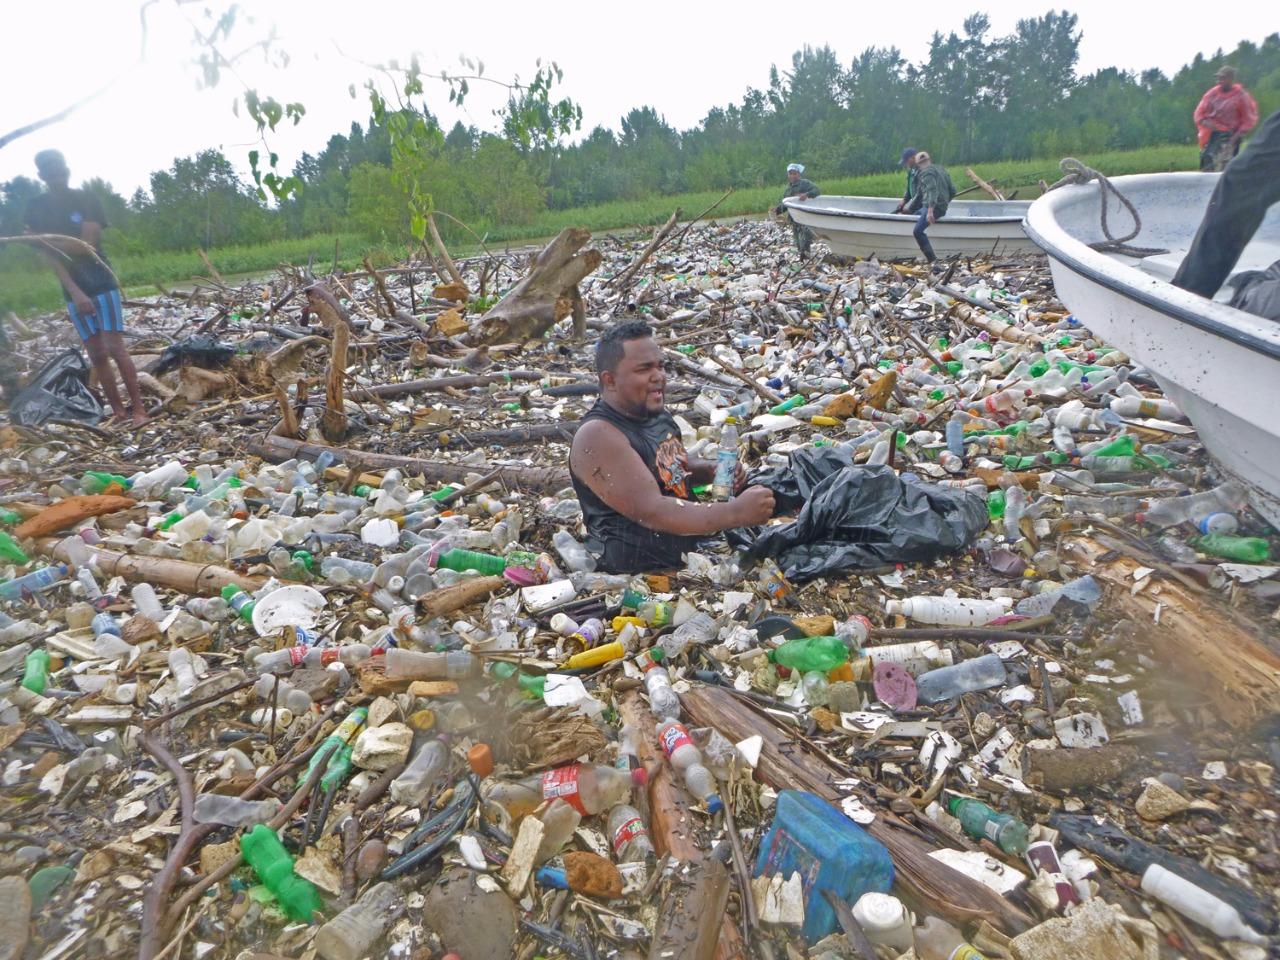 Atacando costas se llenan de pl sticos en el este for Plastico para impermeabilizar lagunas